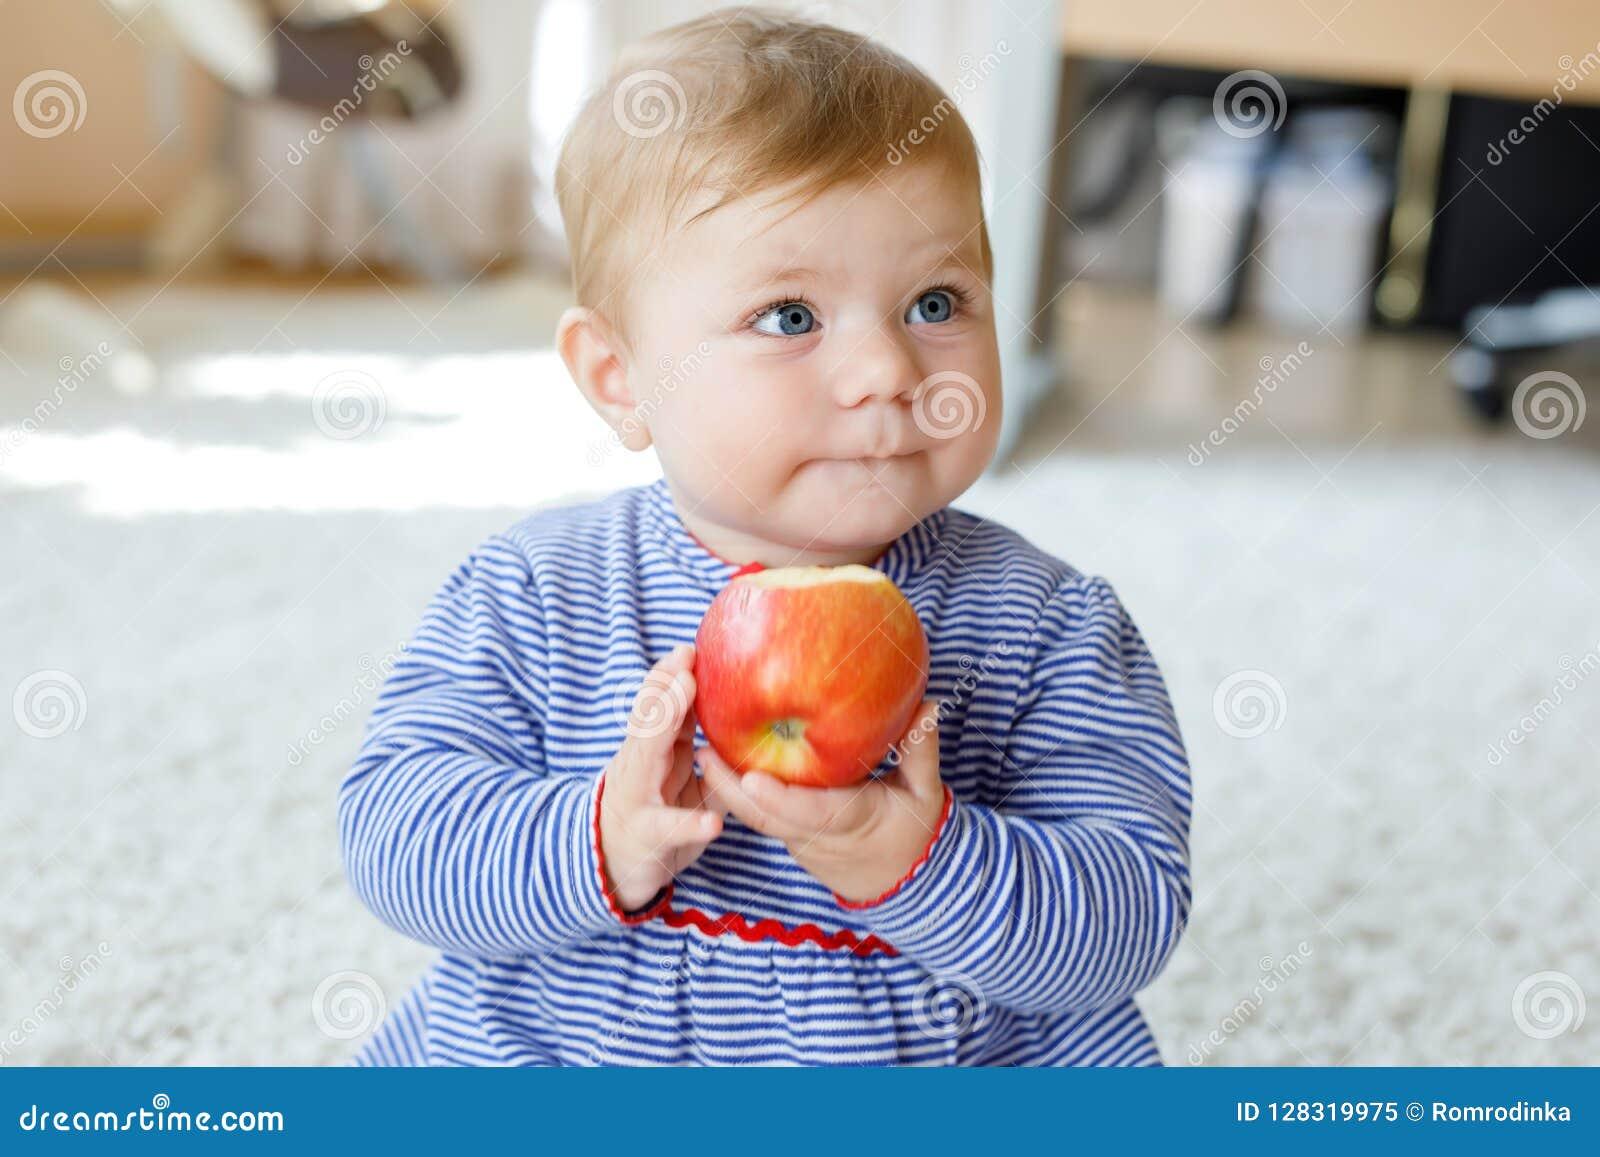 vitamina del bebé arcoiris